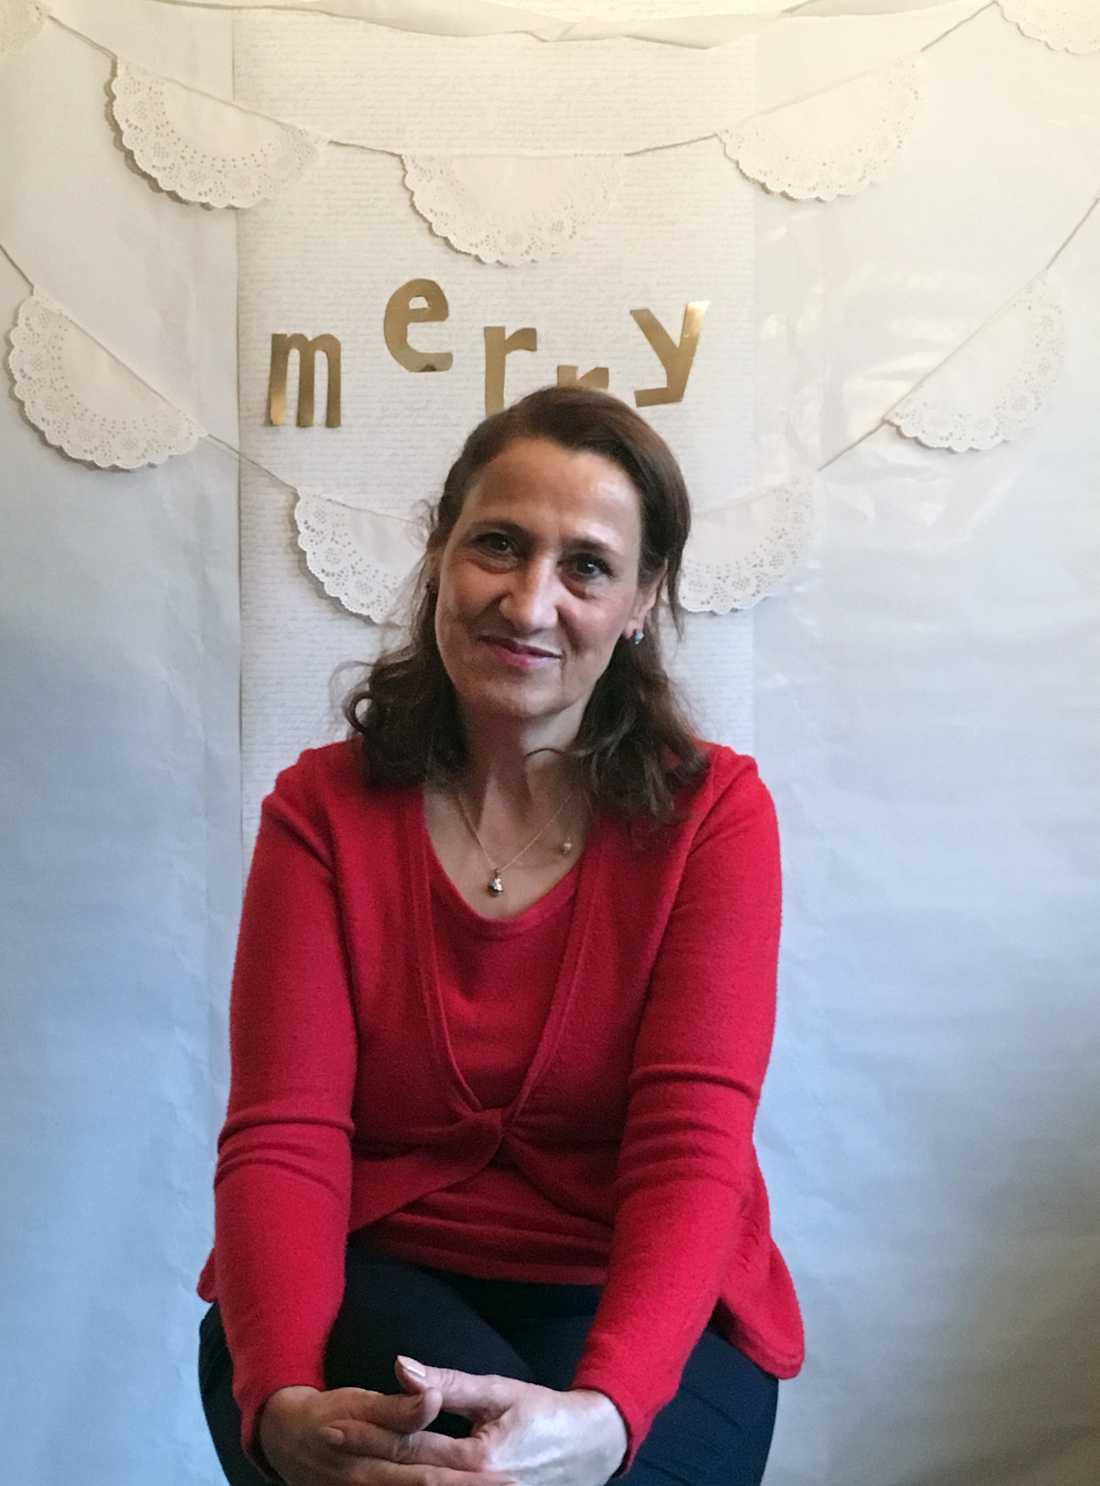 Minoo Sarvi tog sitt liv i slutet av maj. Då hade hon bott fem år på asylboende, ensam och deprimerad, berättar dottern.